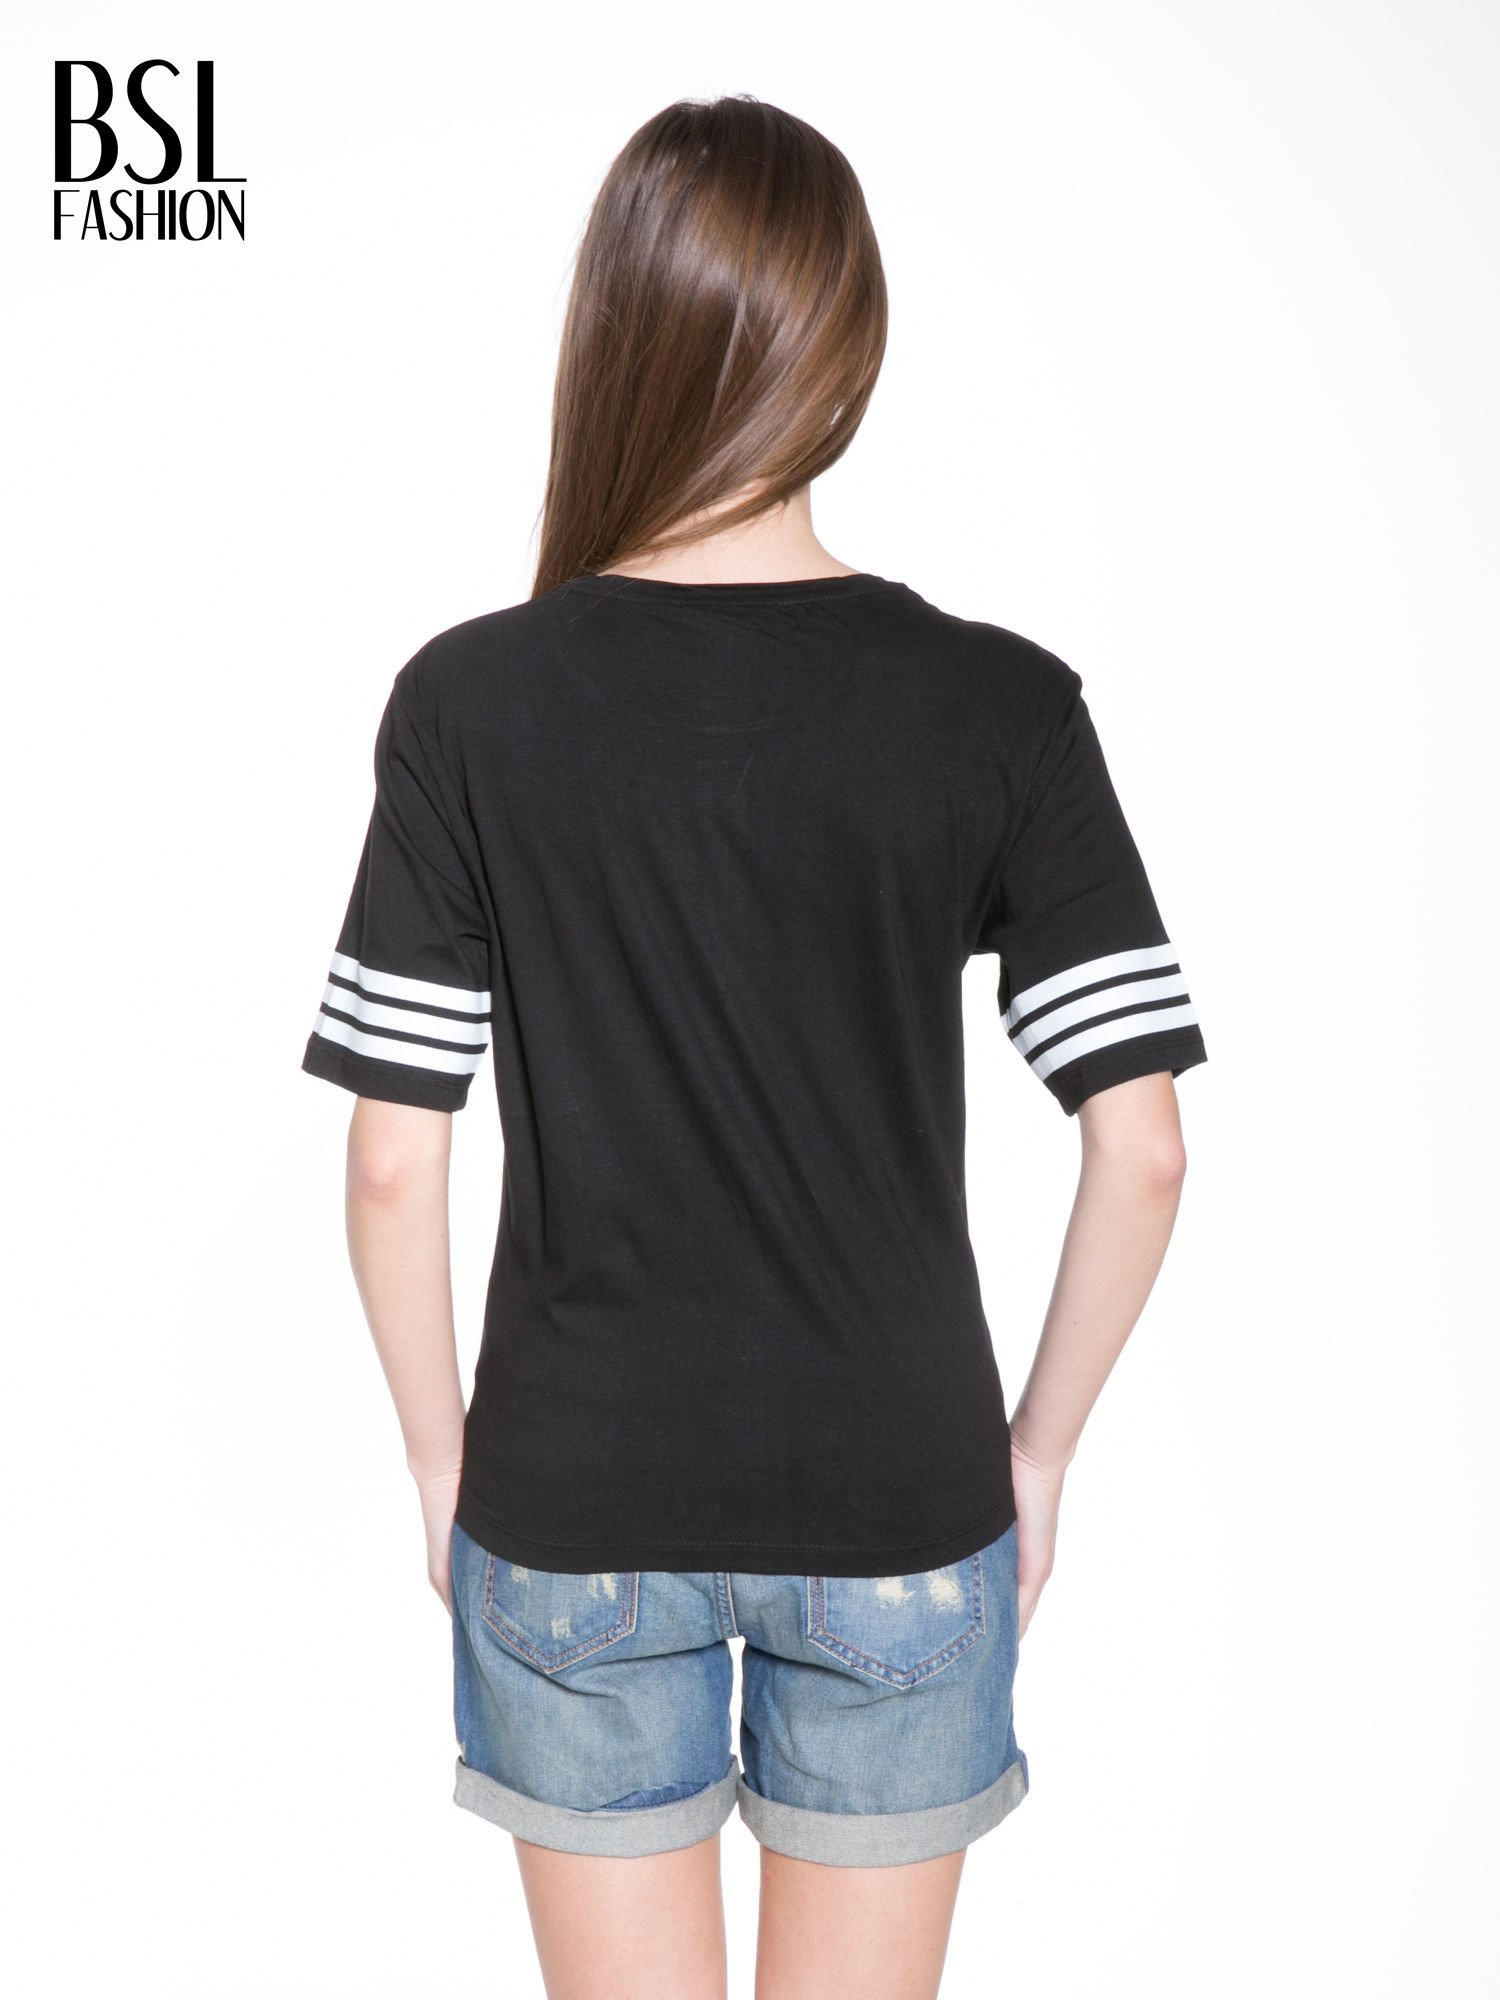 Czarny t-shirt z nadrukiem LA w baseballowym stylu                                  zdj.                                  4